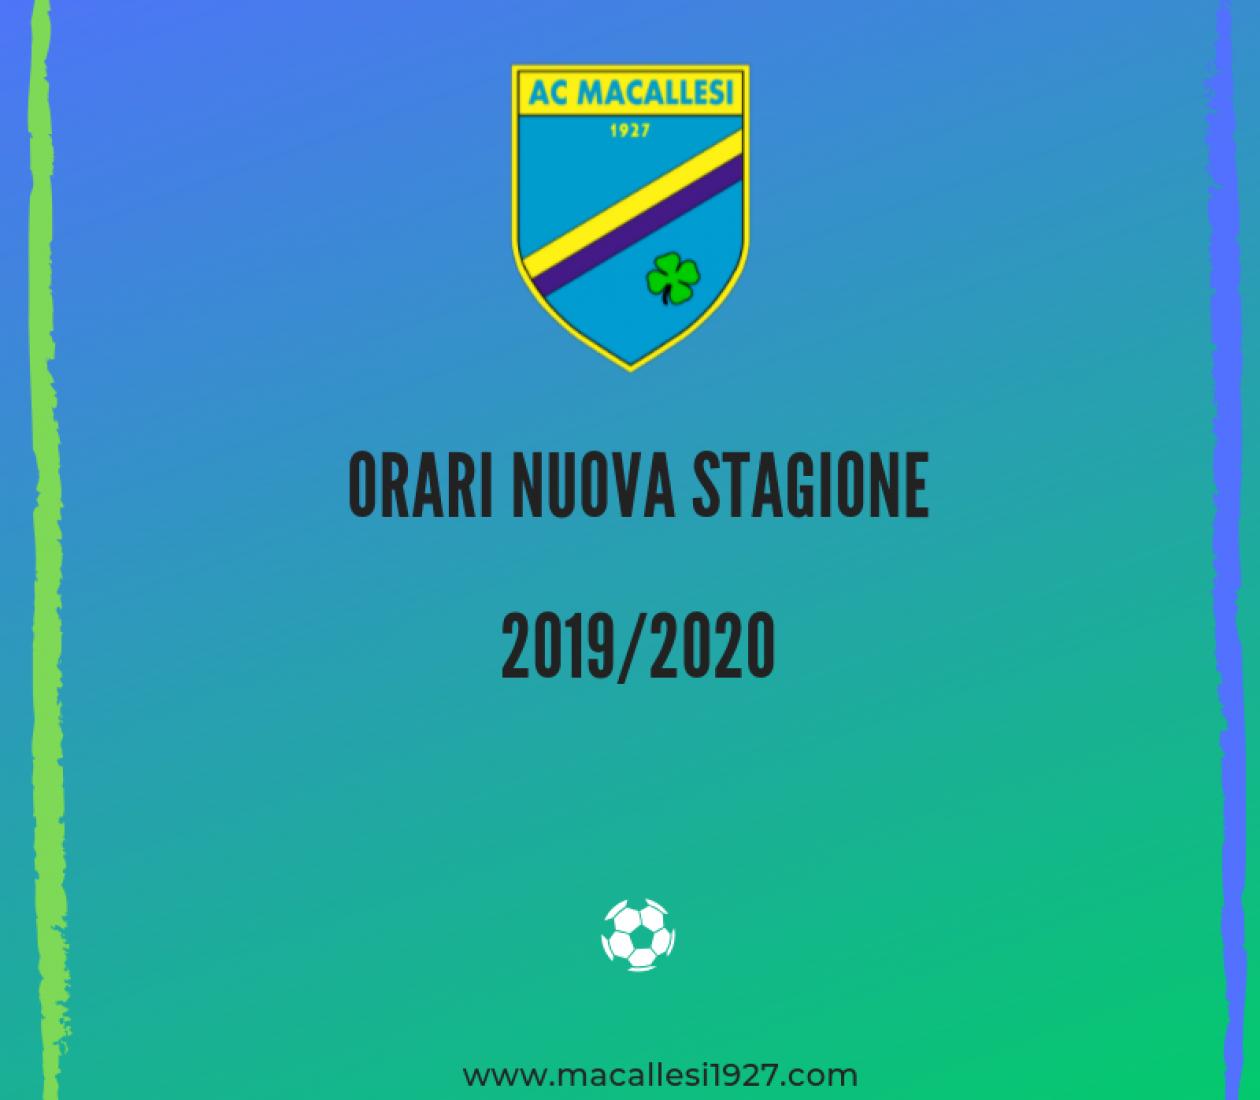 Ripresa stagione e orari allenamenti 2019/2020